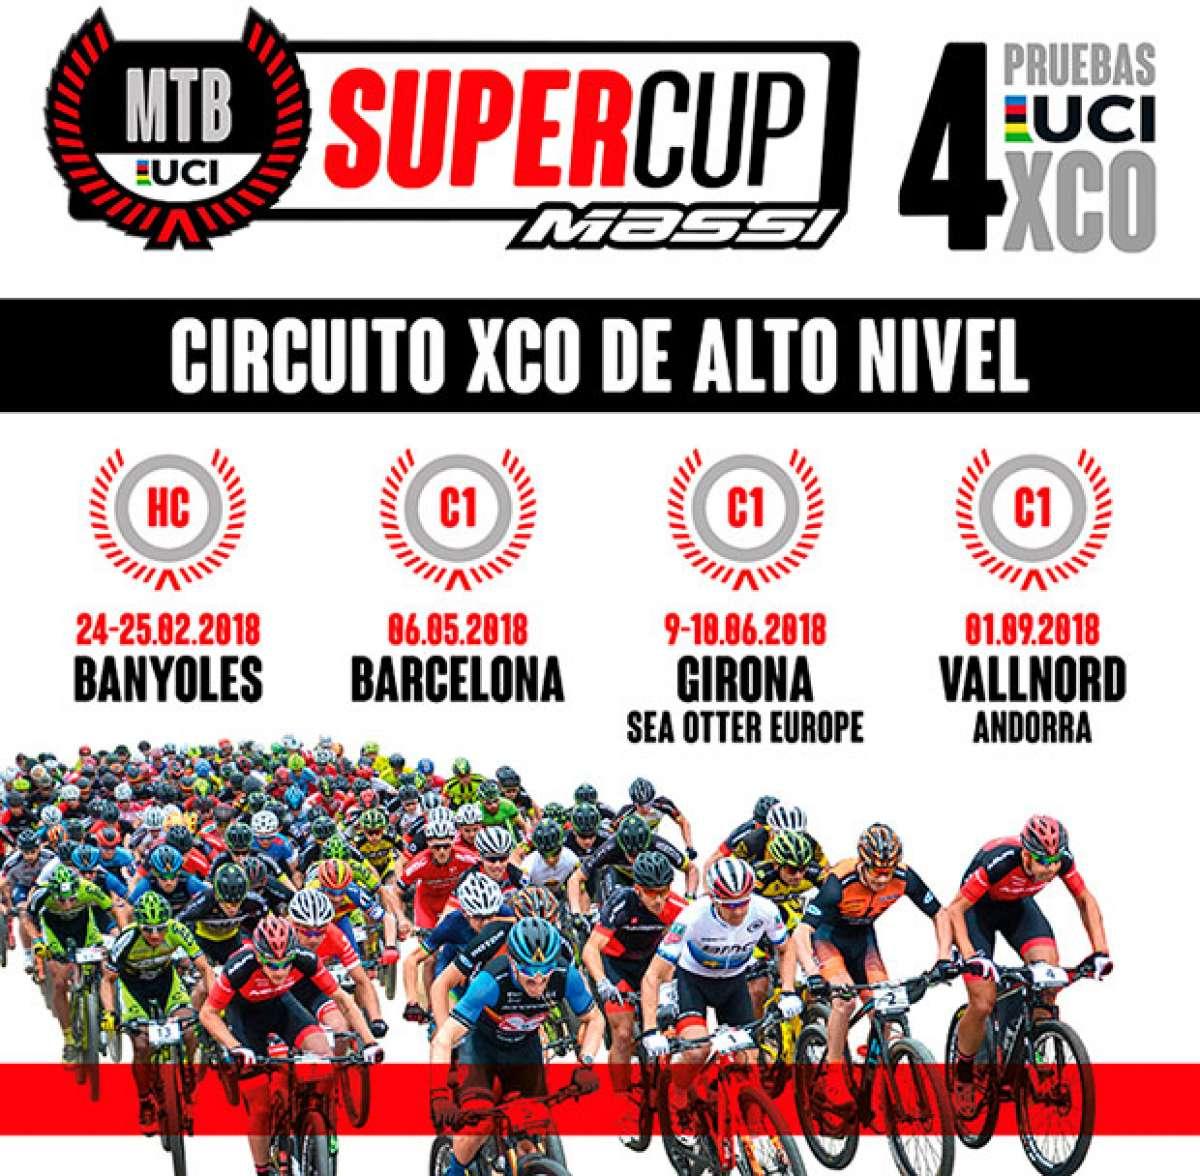 Estreno en el calendario nacional del MTB SuperCup Massi con cuatro pruebas de categorías UCI HC y C1